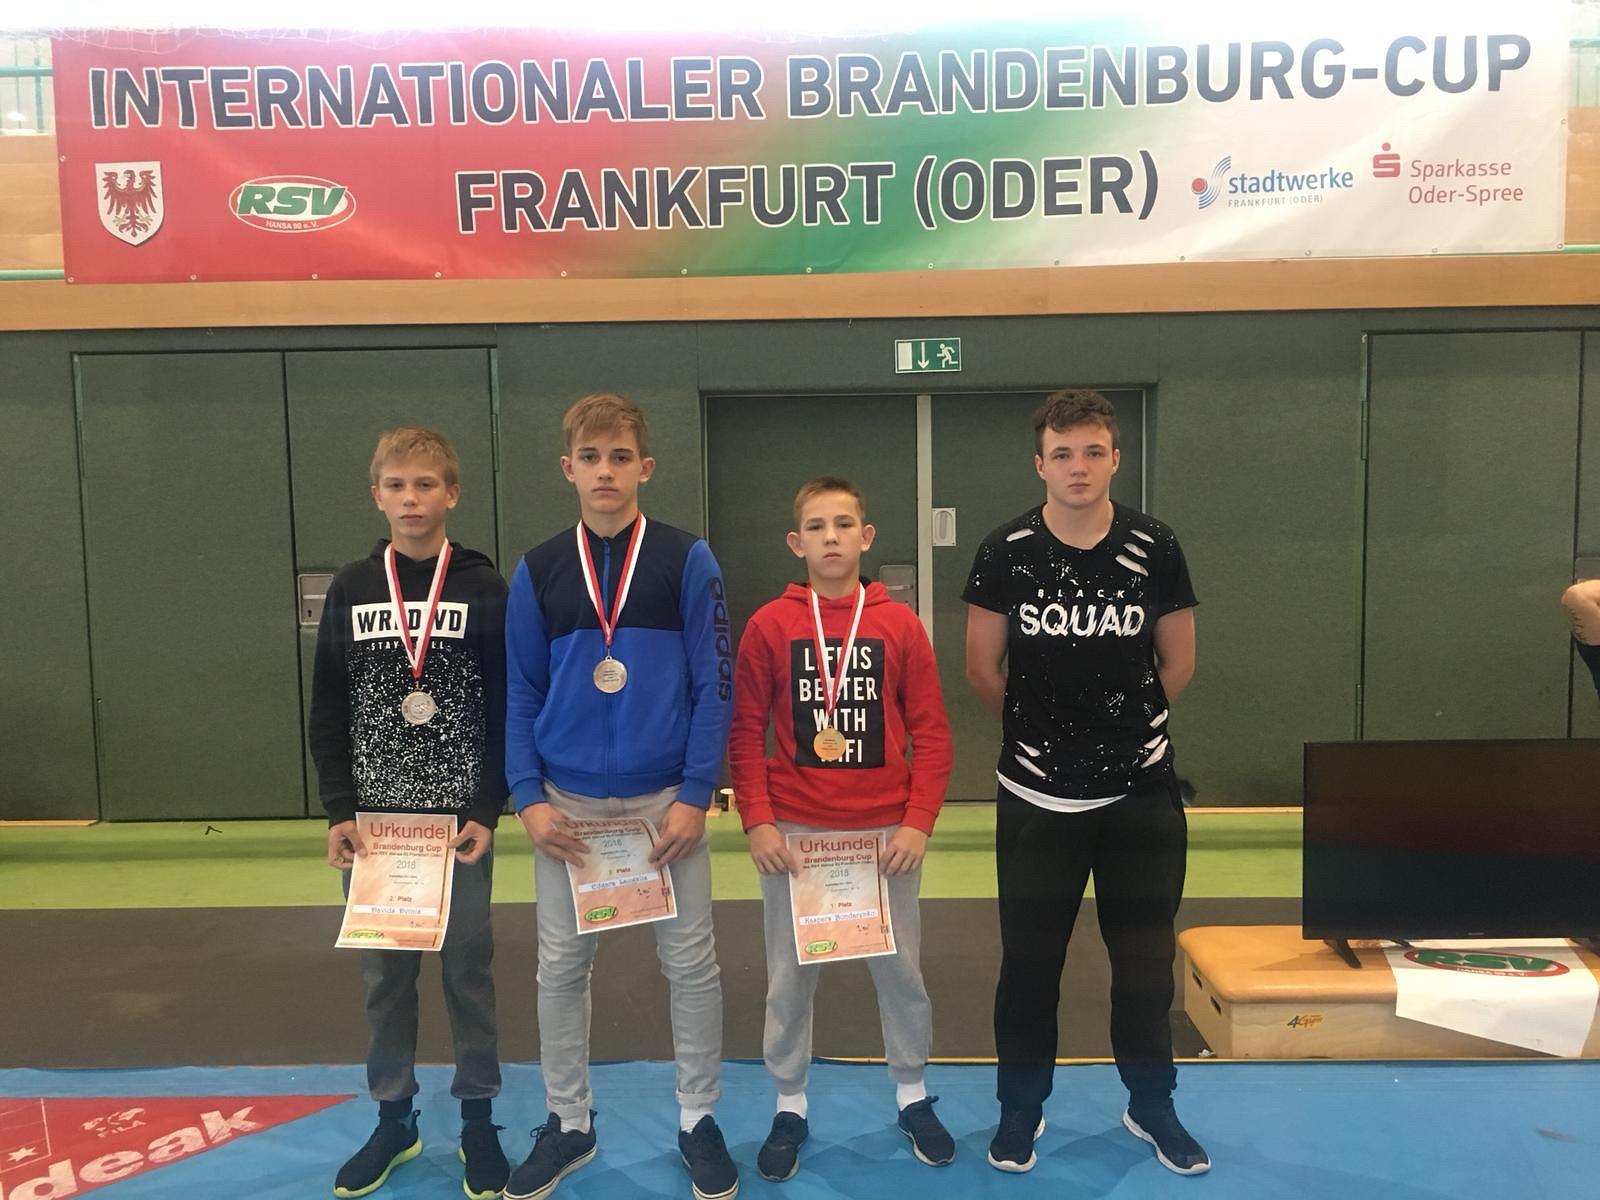 Cīkstoņiem panākumi Frankfurtē